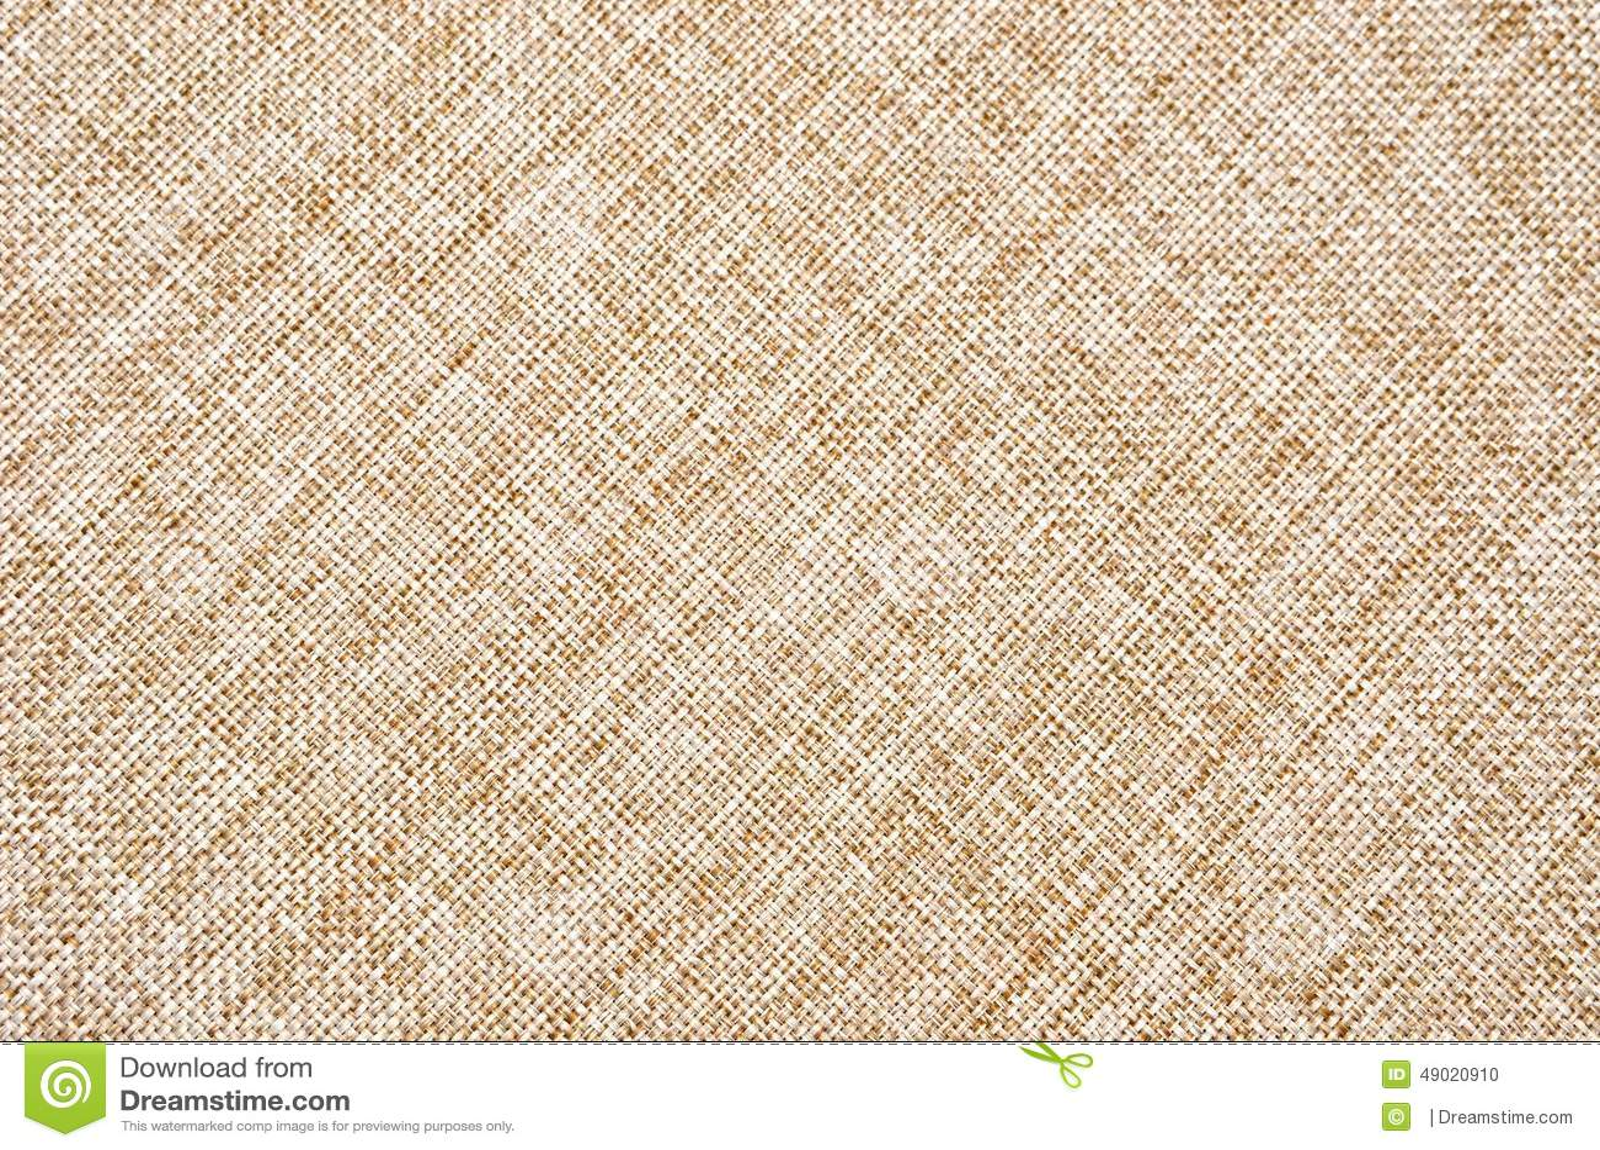 Burlap Background Stock Photo - Image: 49020910